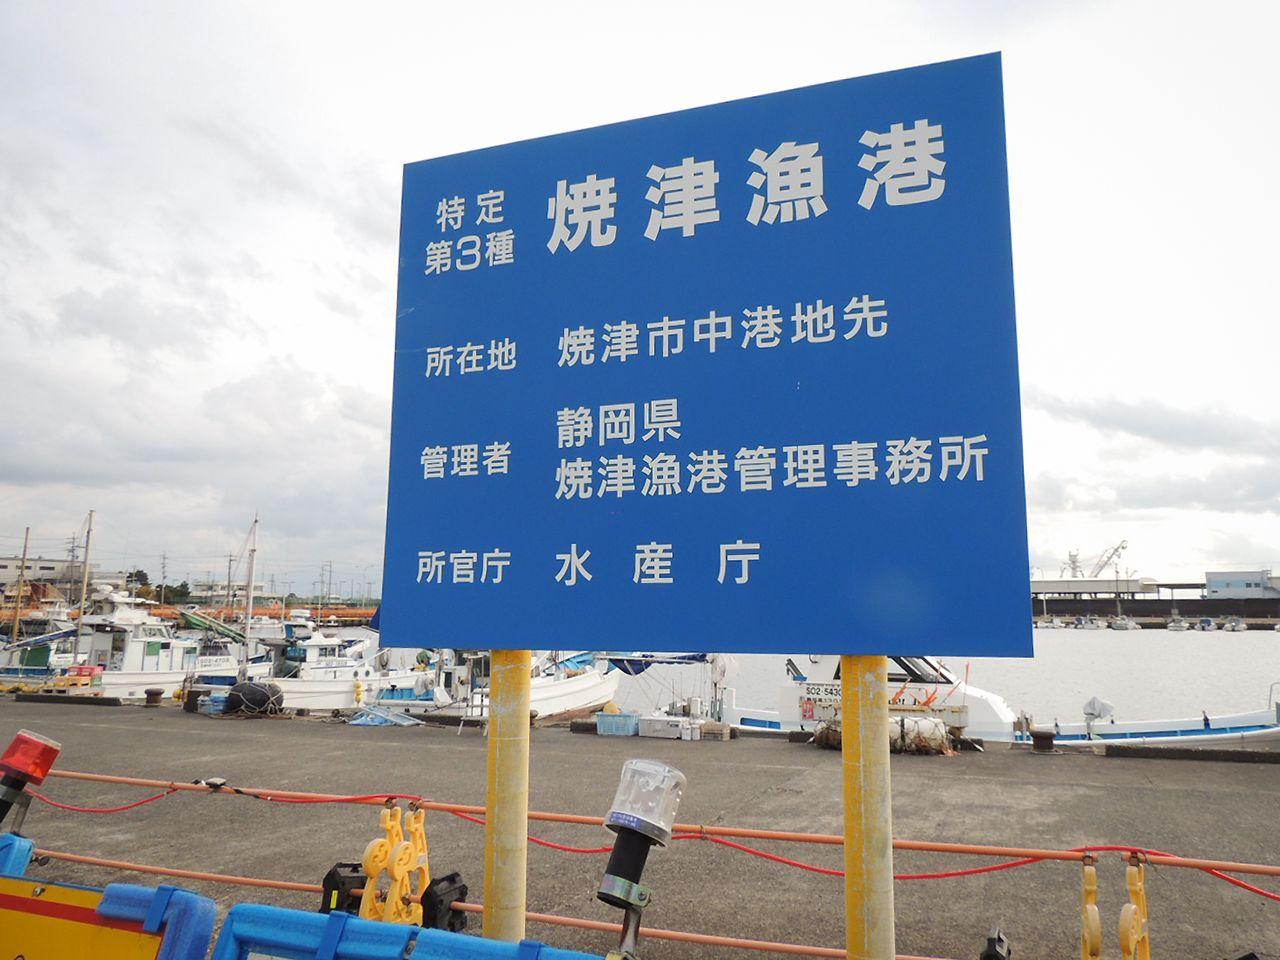 Pelabuhan Yaizu adalah satu dari hanya 13 jangkar di Jepang yang ditetapkan sebagai pelabuhan perikanan Kelas 3, artinya pelabuhan ini digunakan oleh kapal penangkap ikan dari seluruh negeri.